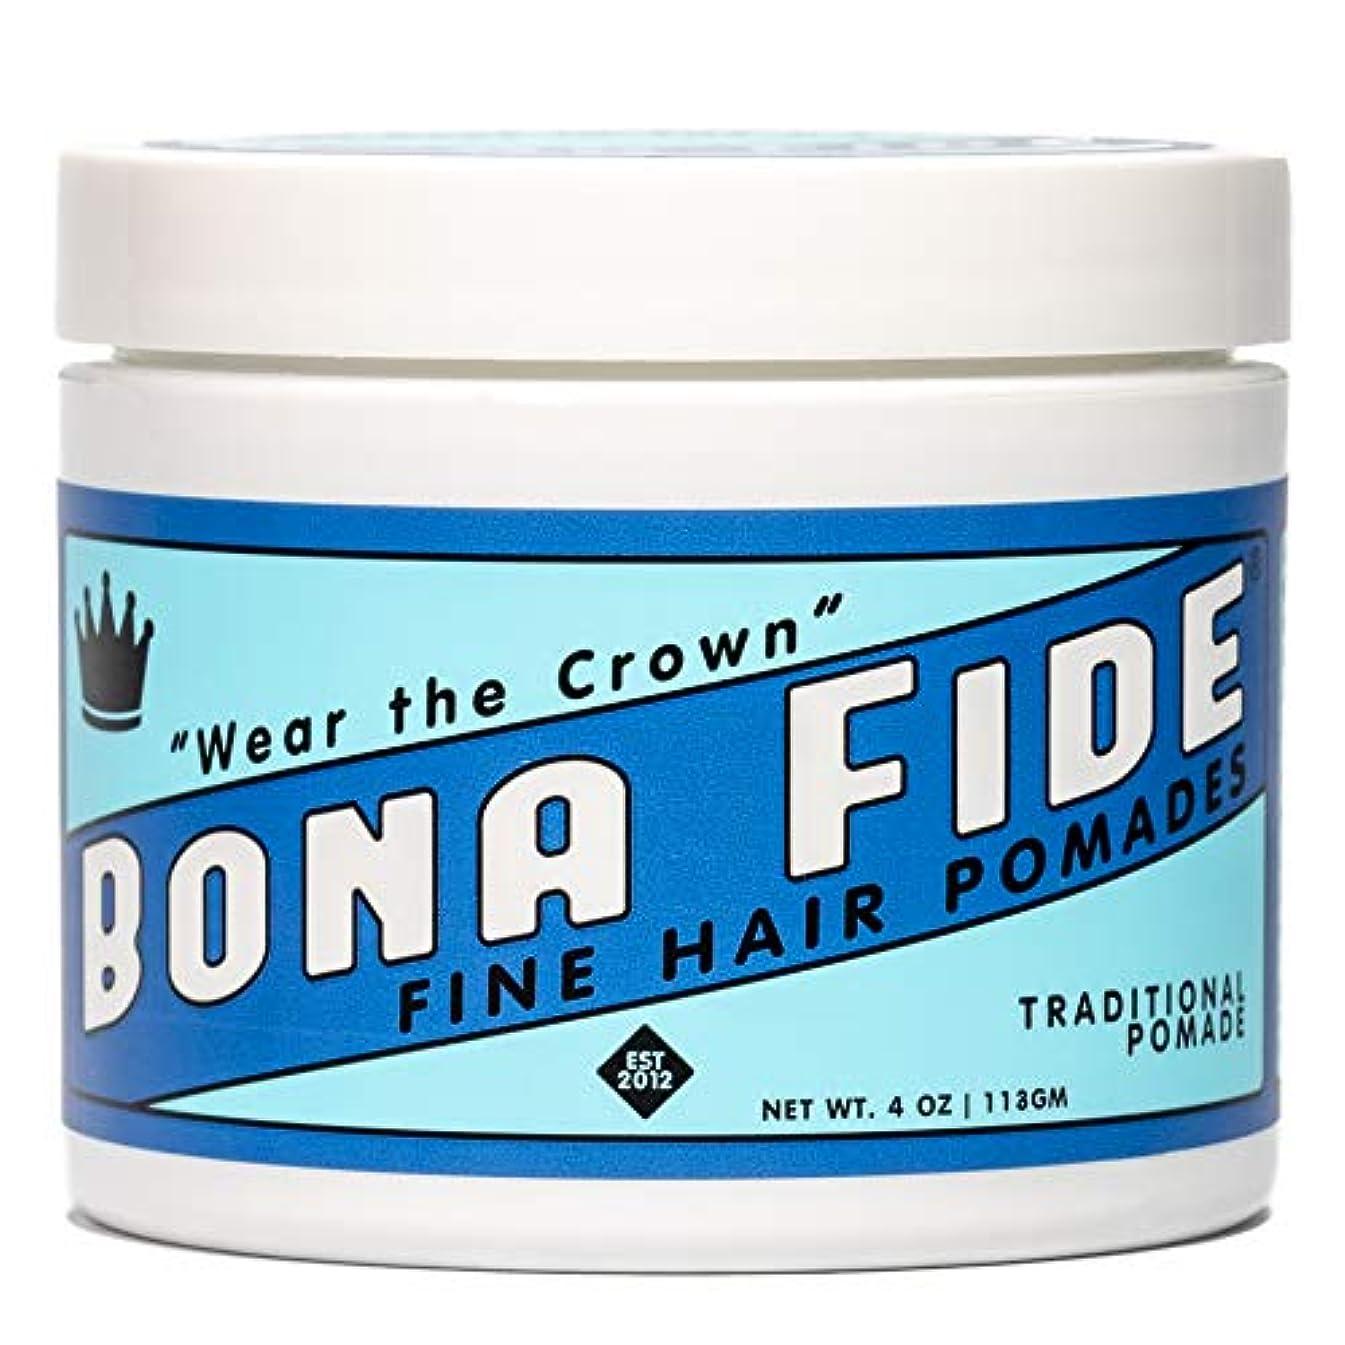 マルクス主義後方政令Bona Fide Pomade, トラディショナルポマード, TRADITIONAL POMADE, 4oz (113g)、オイルベースポマード (整髪料/ヘアー スタイリング剤)